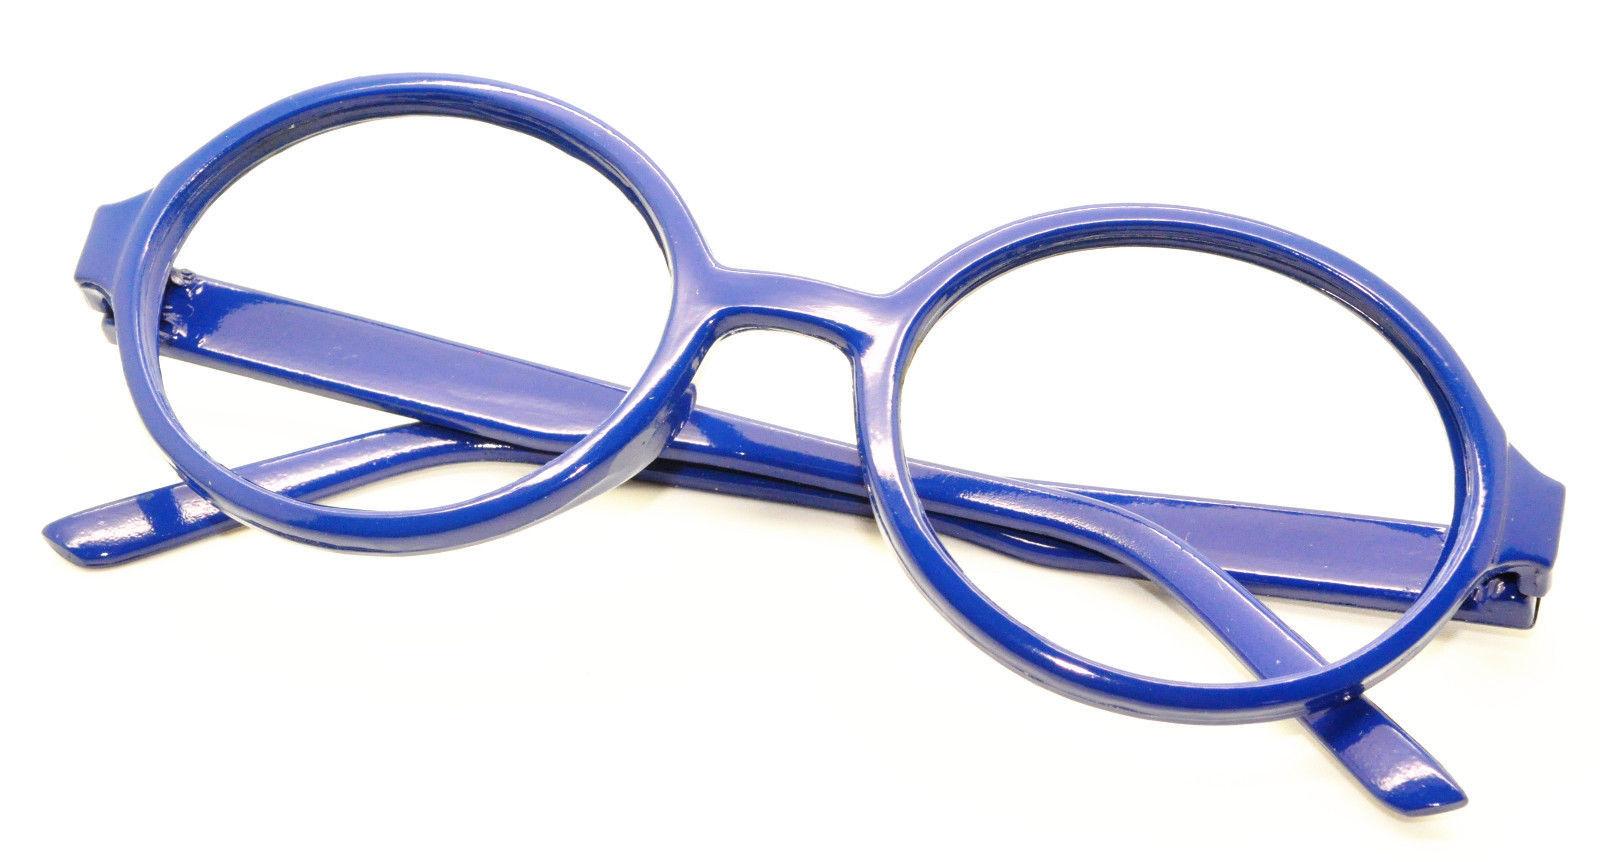 6pc Kids Toy Eyewear Geek Nerd Wizard Costume Oval Shape Glasses Frames NO LENS